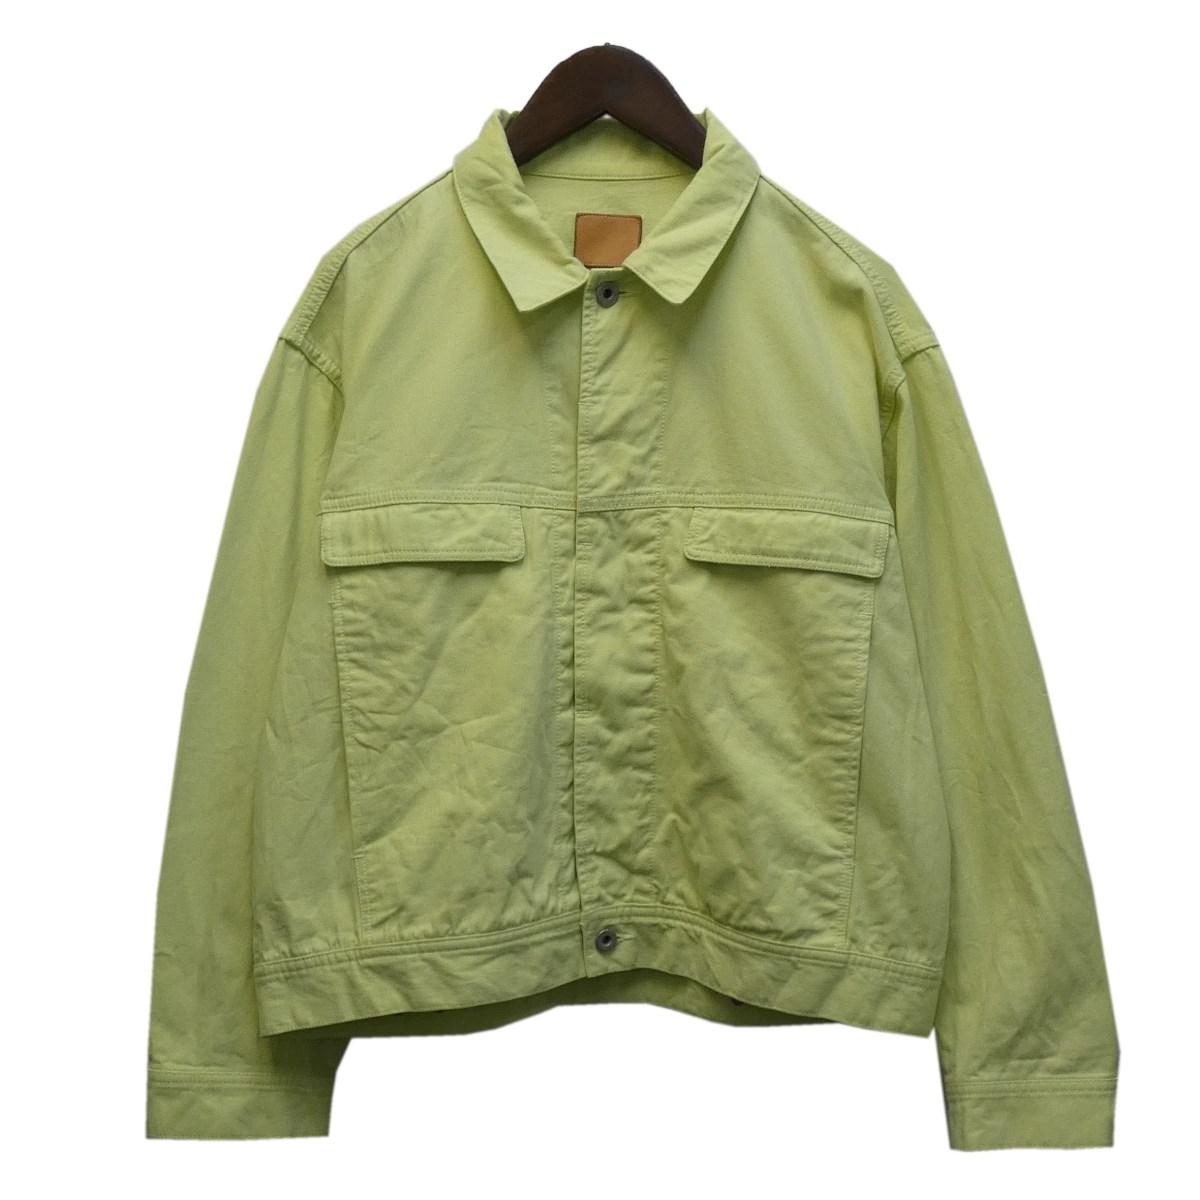 【中古】tone 19SS トラッカージャケット ライム サイズ:2 【100920】(トーン)